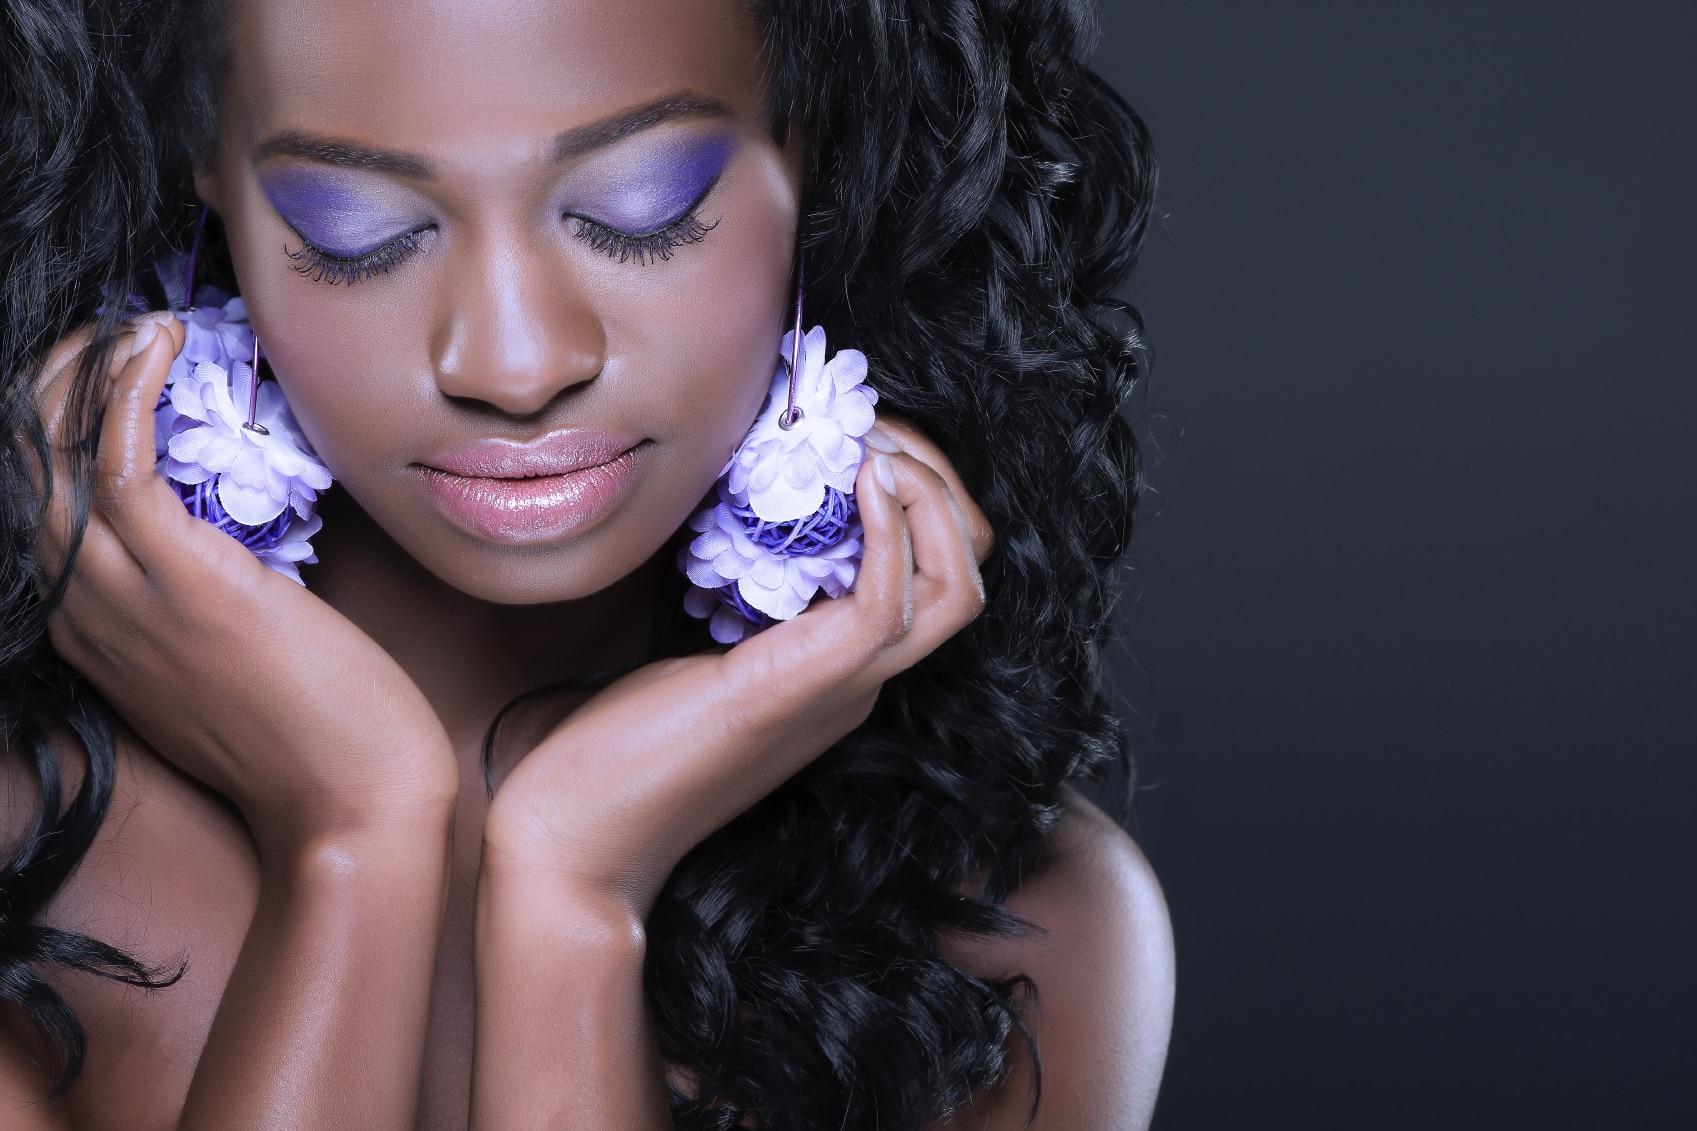 profielen massage donkere huid